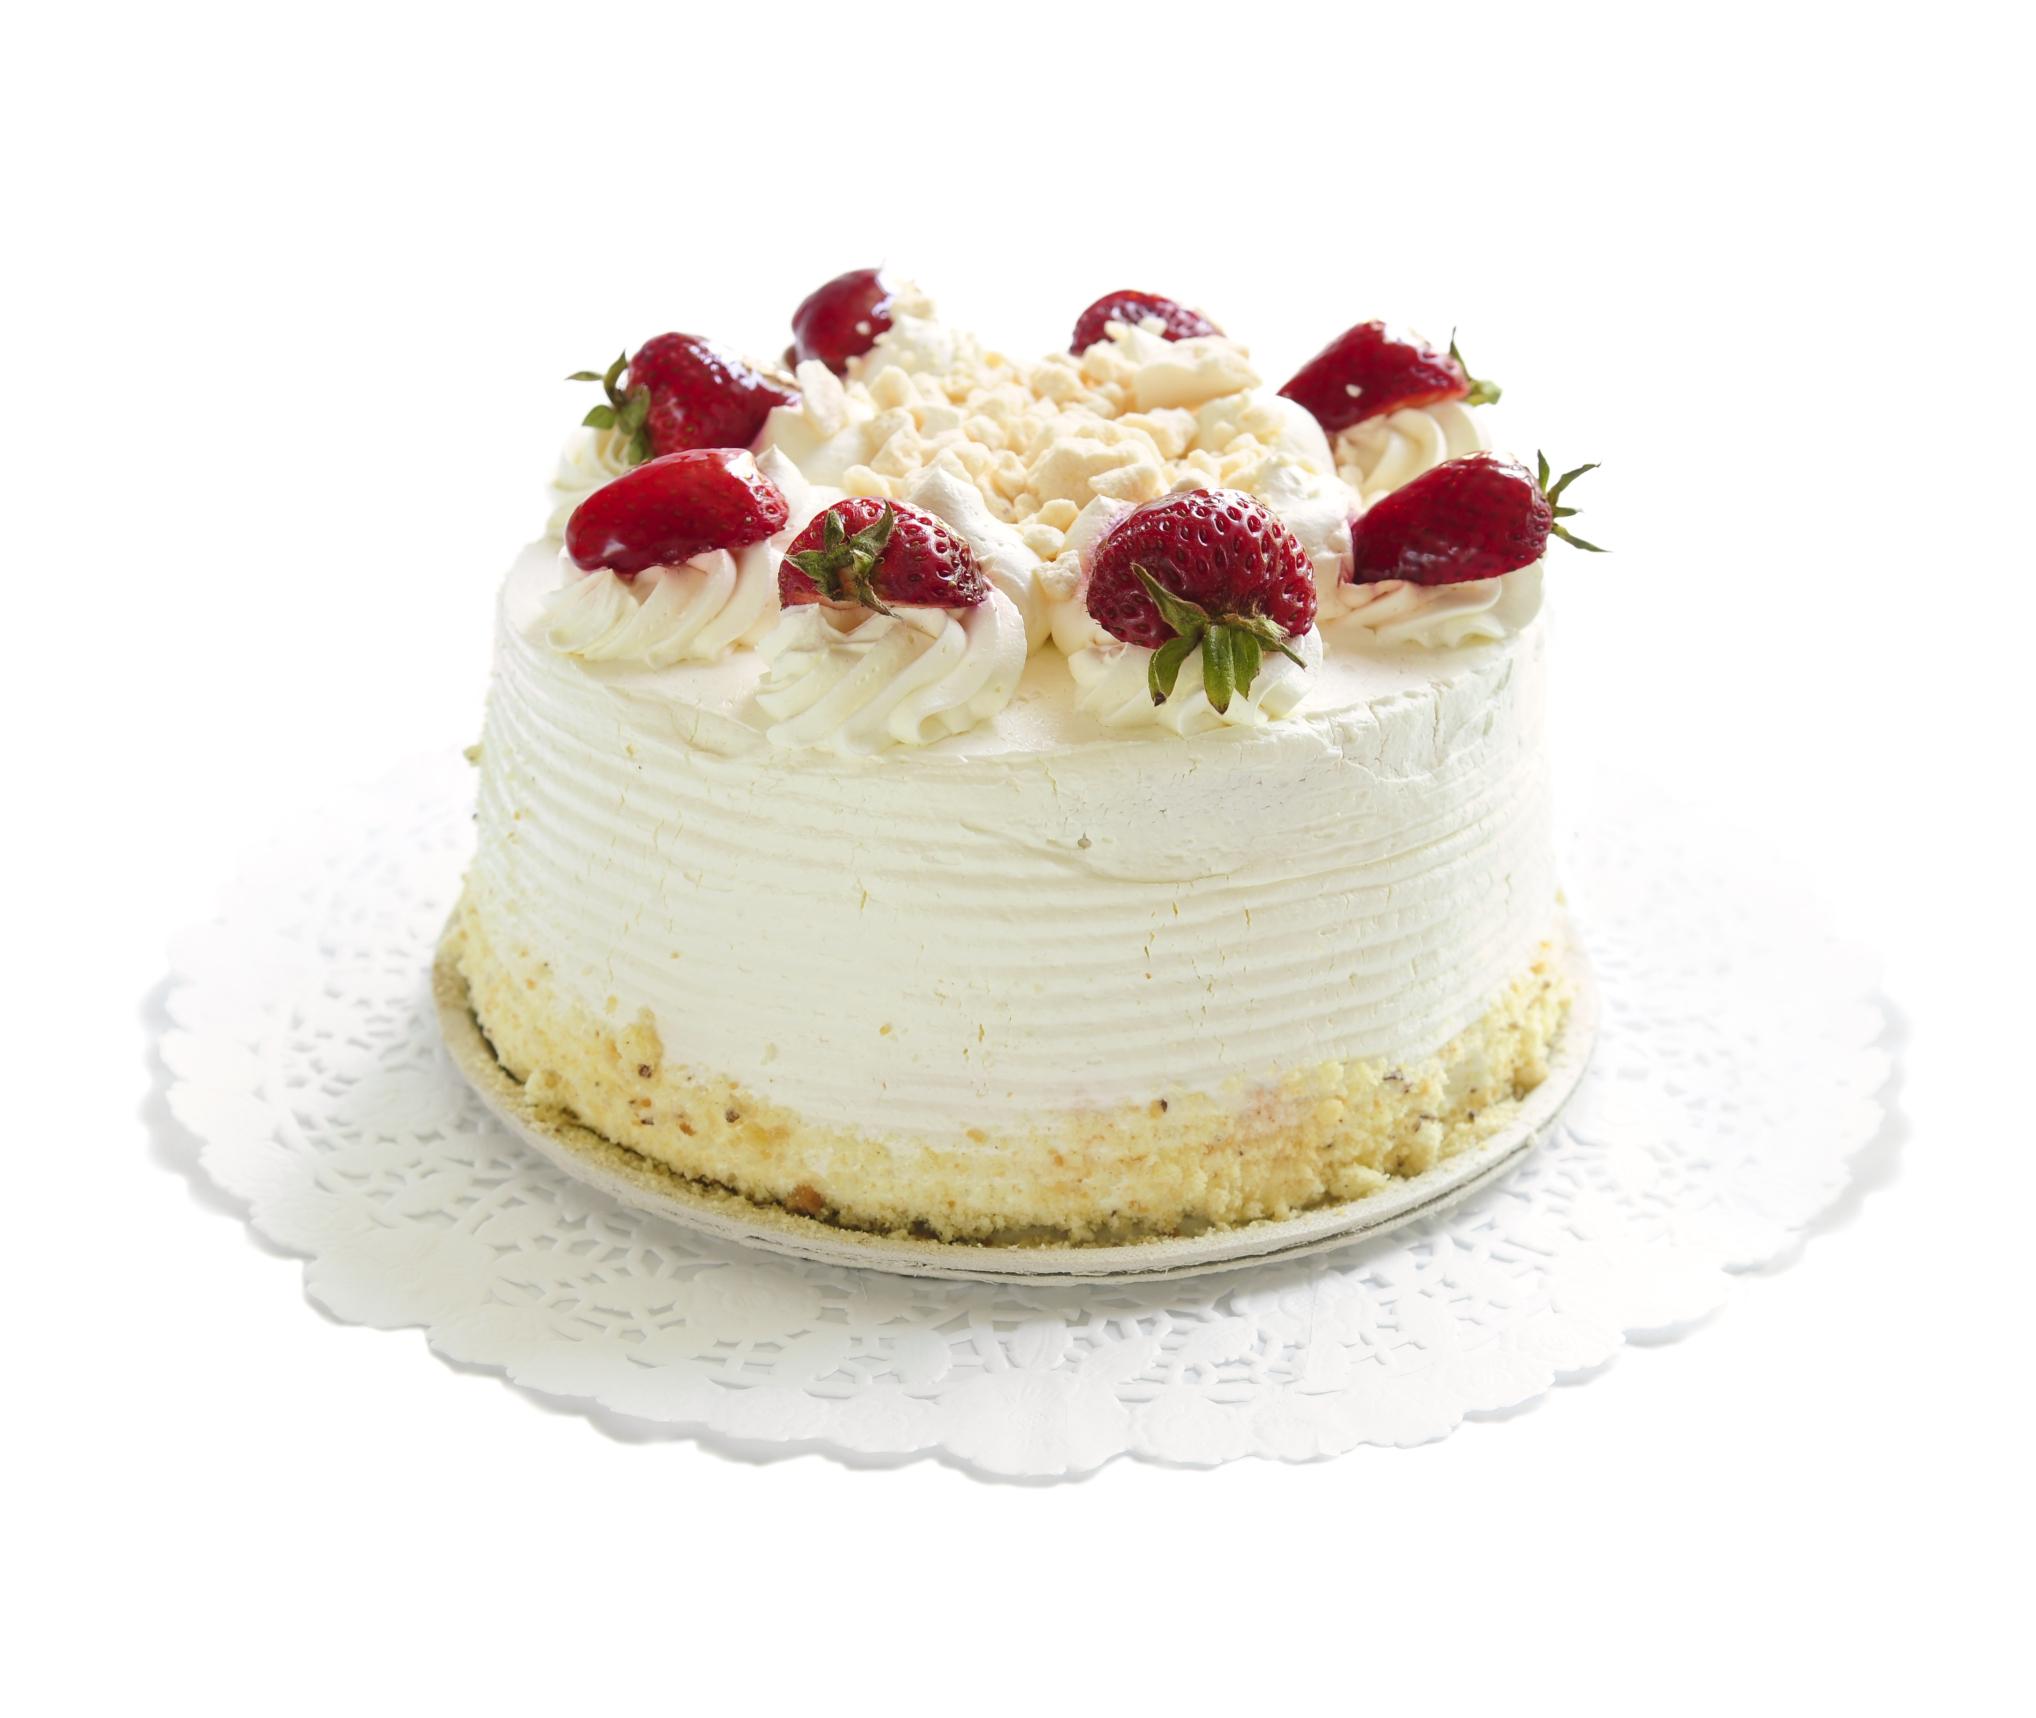 Tarta de bizcocho, fresas y nata